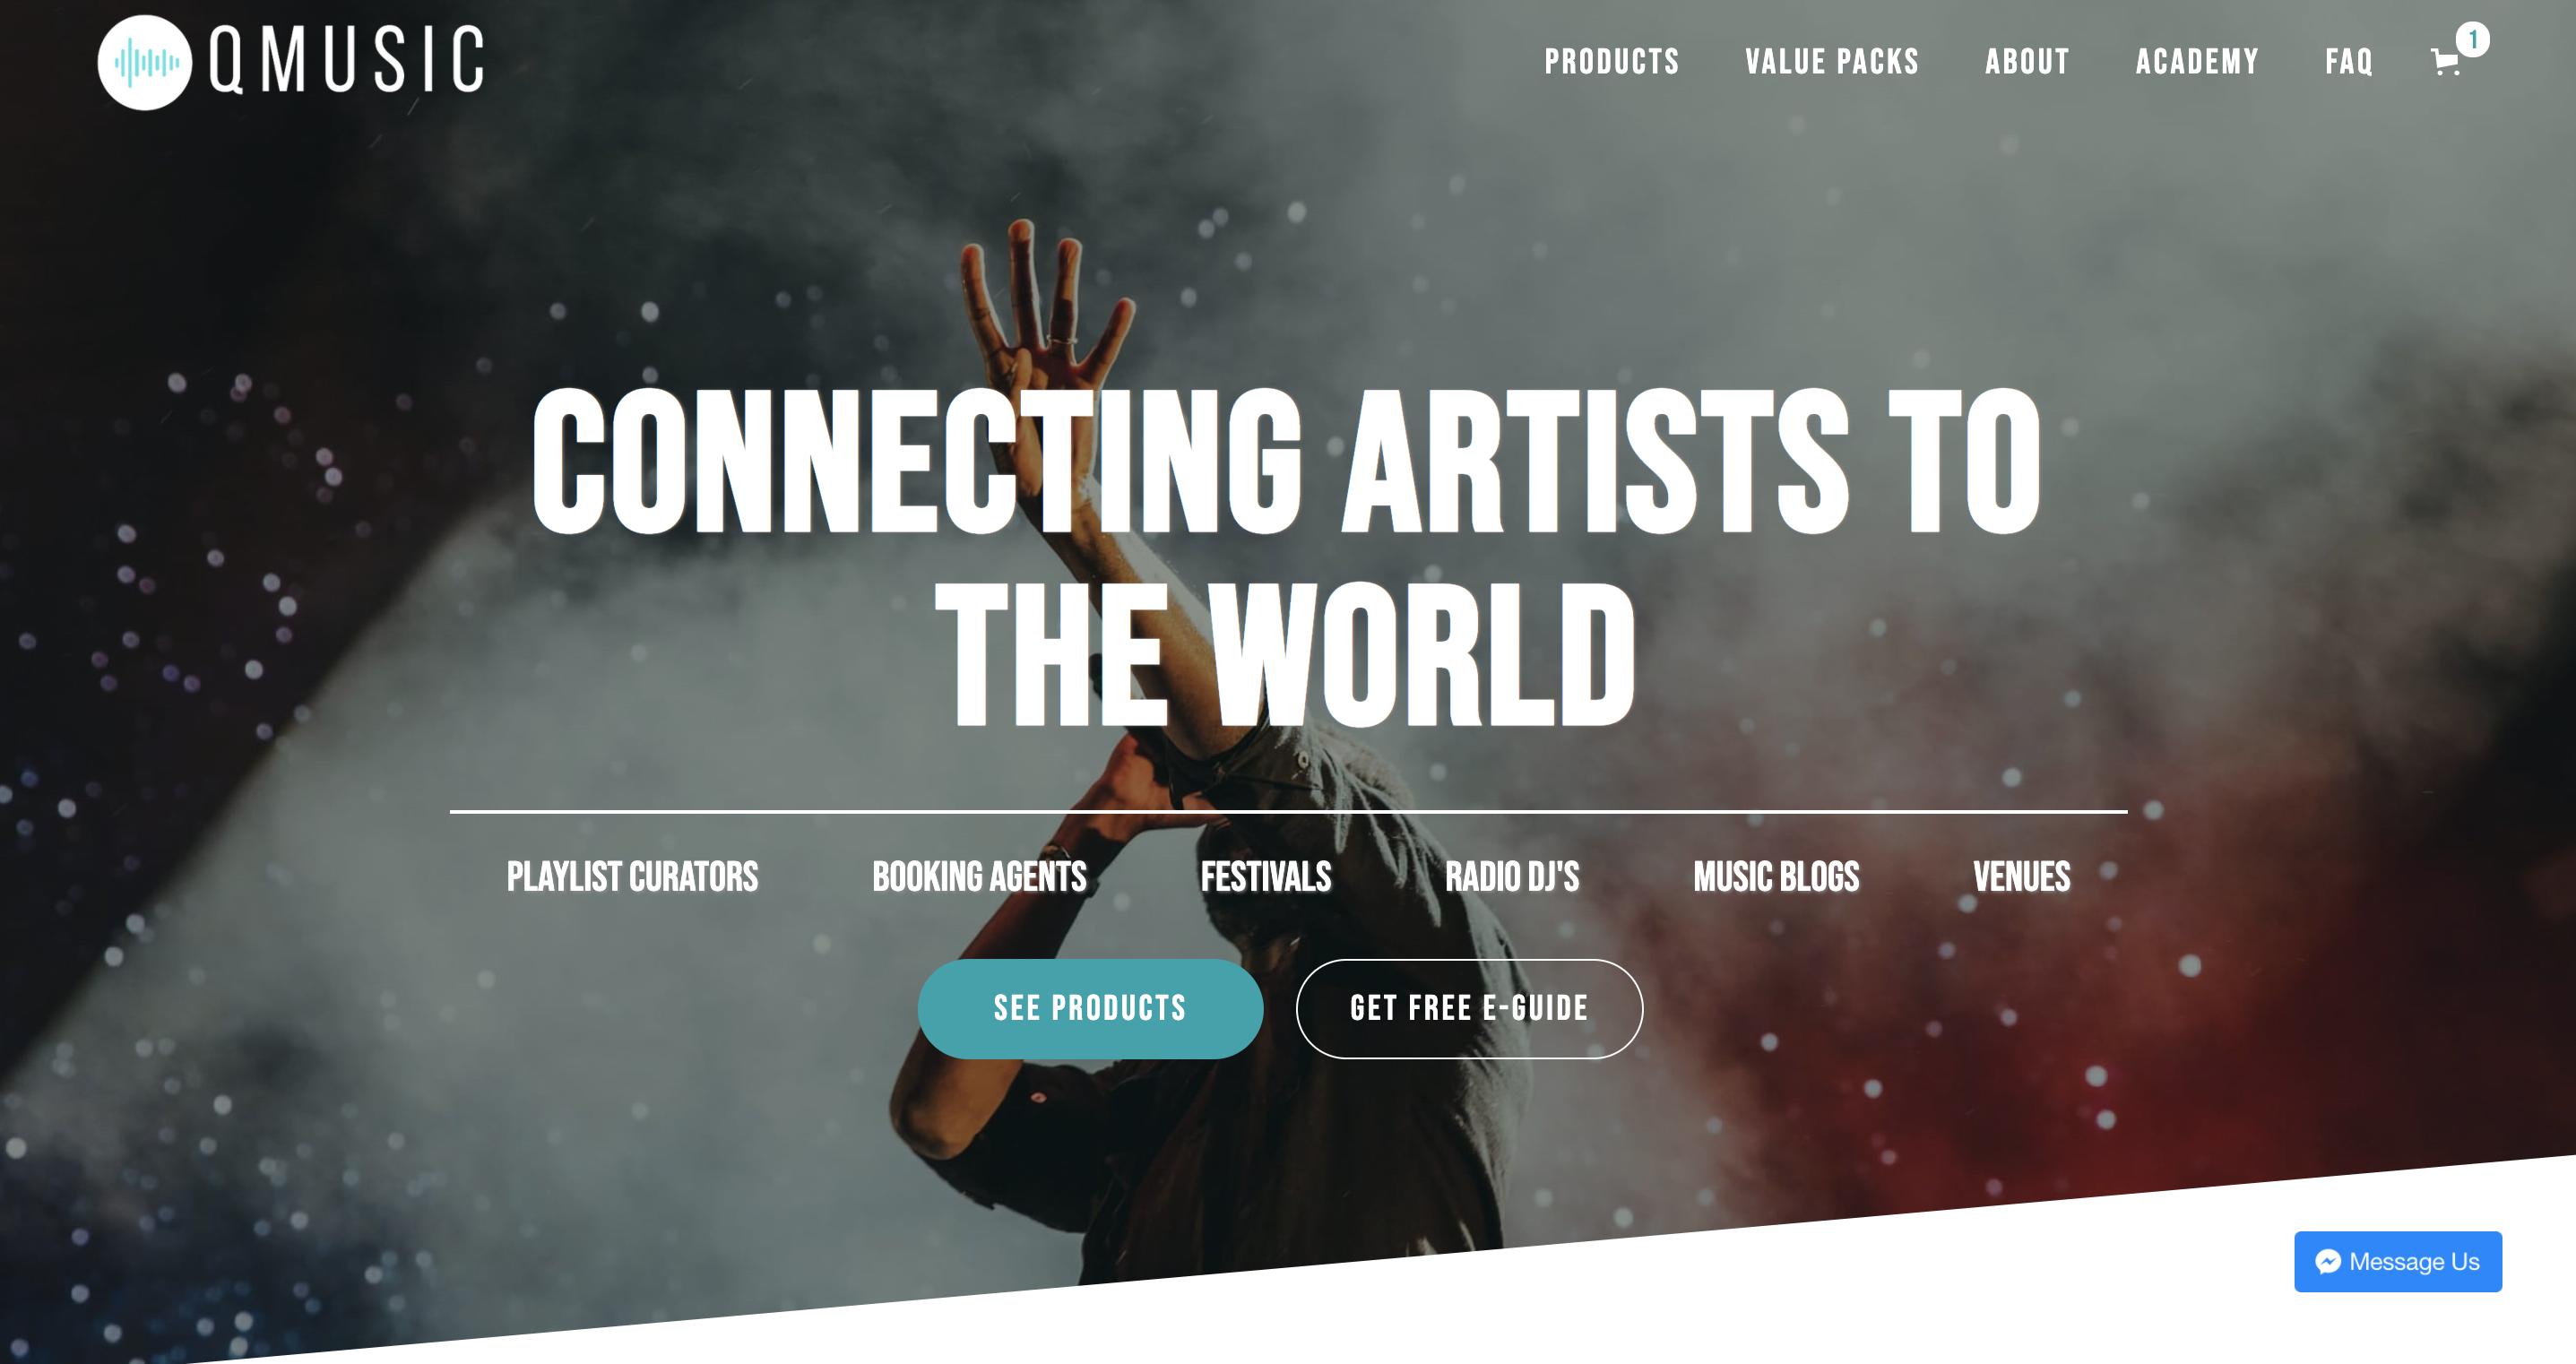 Screenshots of q music